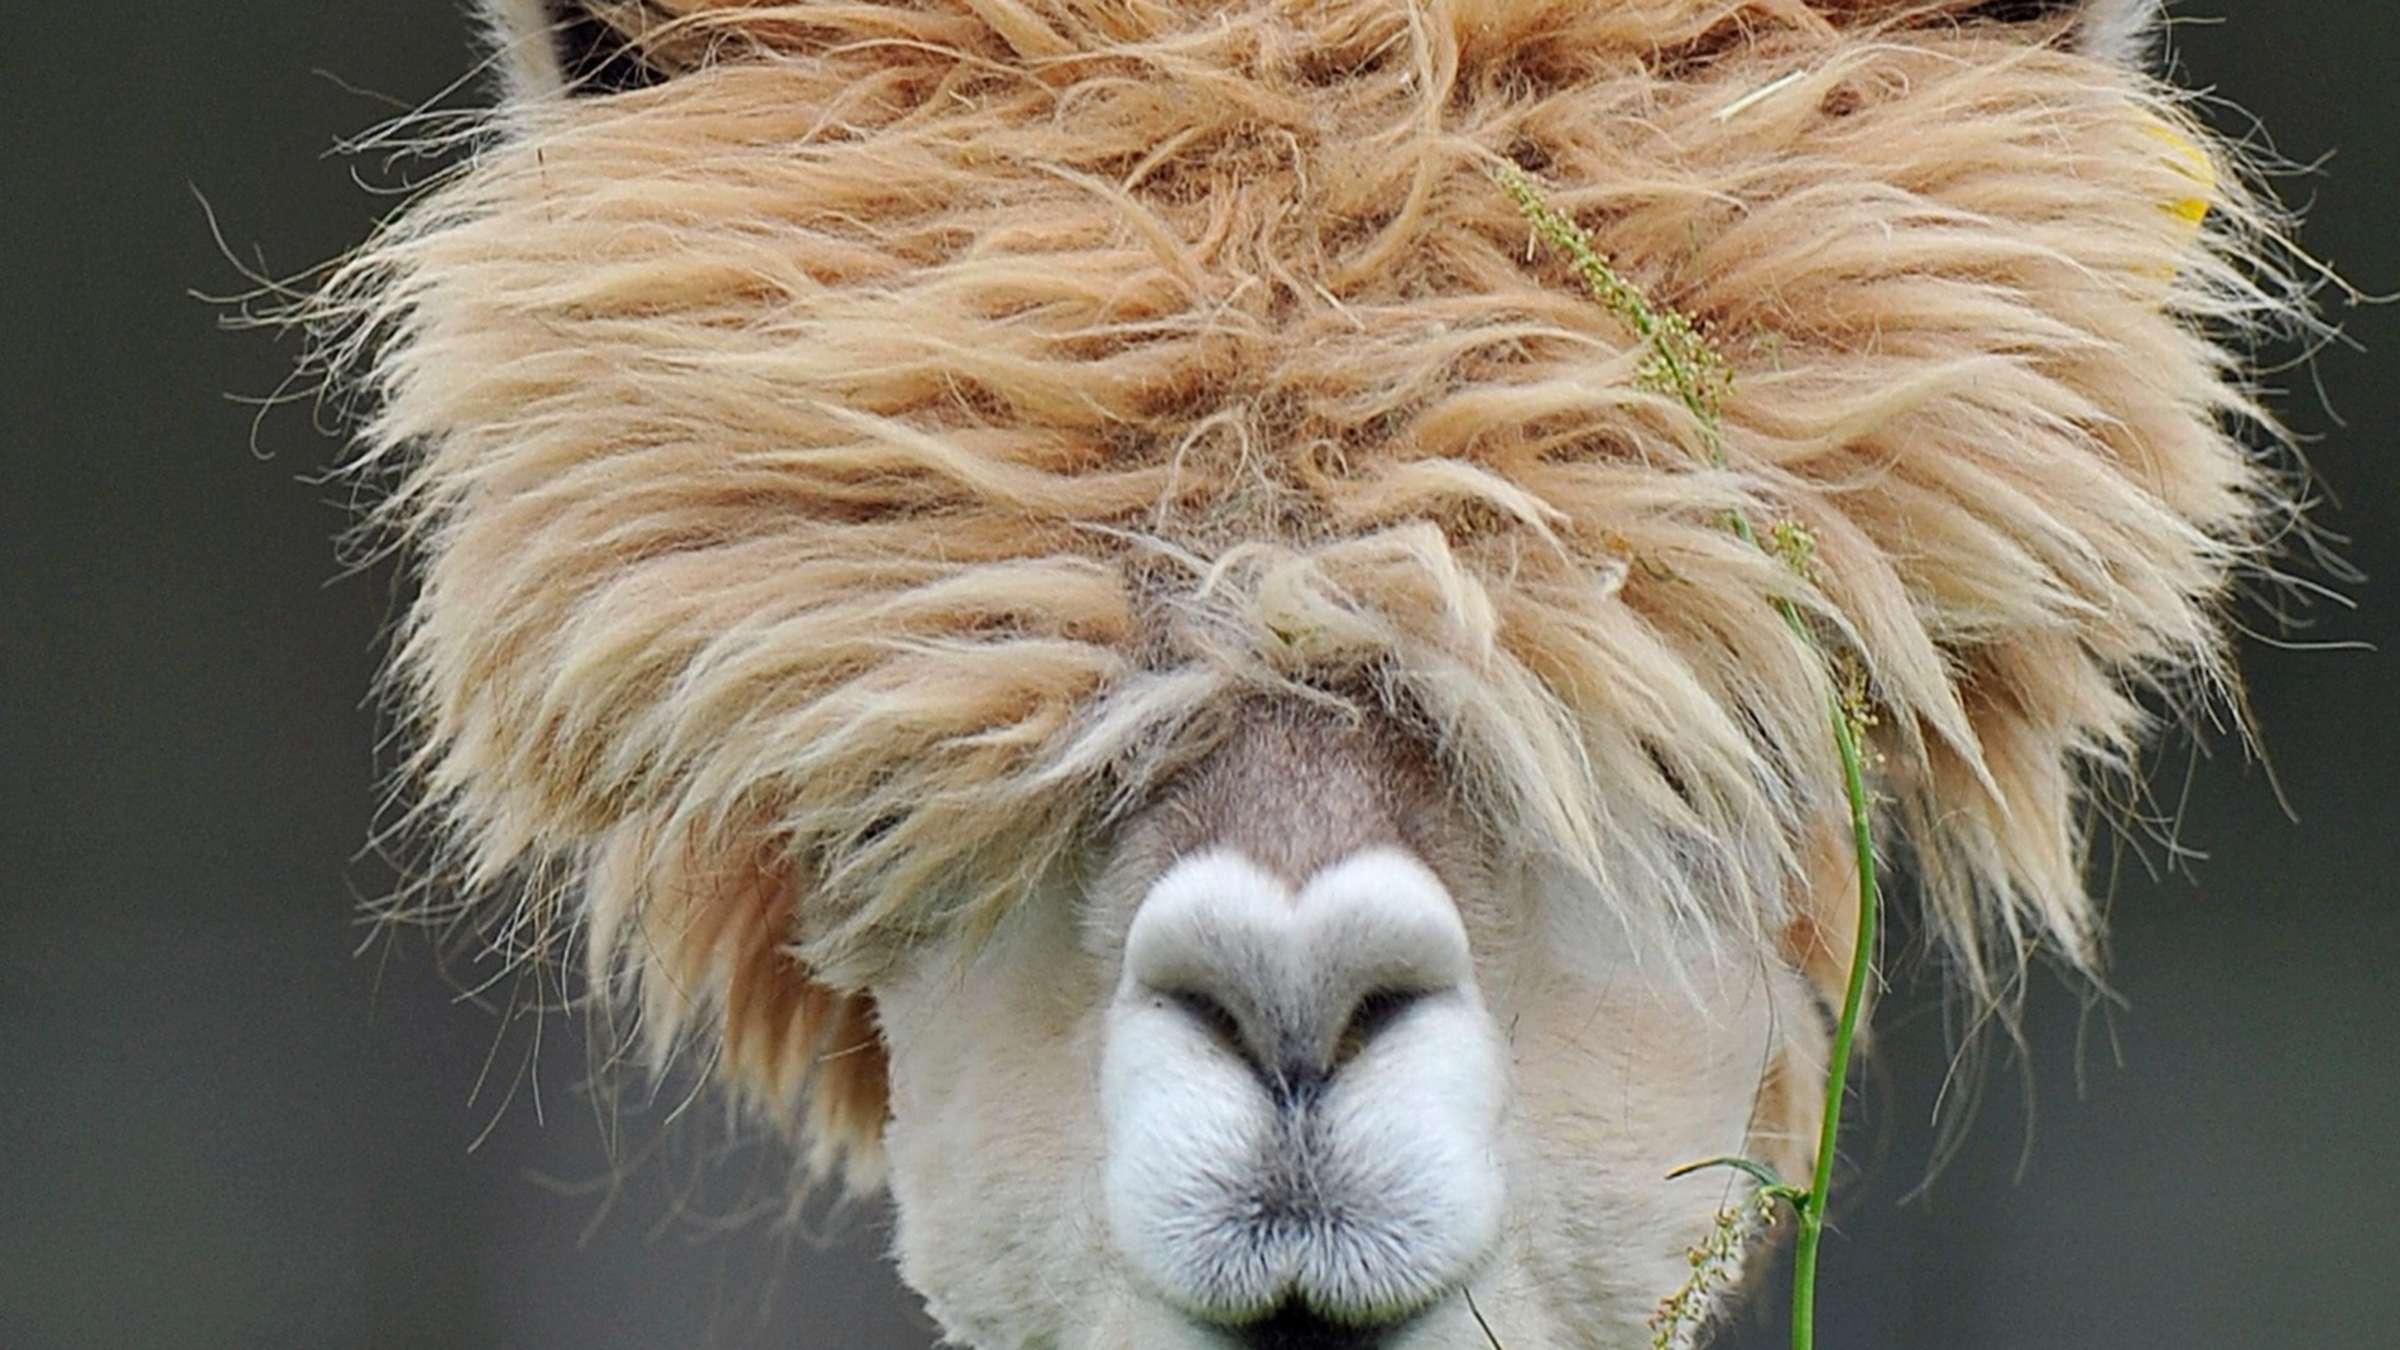 Haare: Was Sie Über Haare - Aufbau Und Wachstum Wissen für Wieviel Haare Hat Der Mensch Auf Dem Kopf